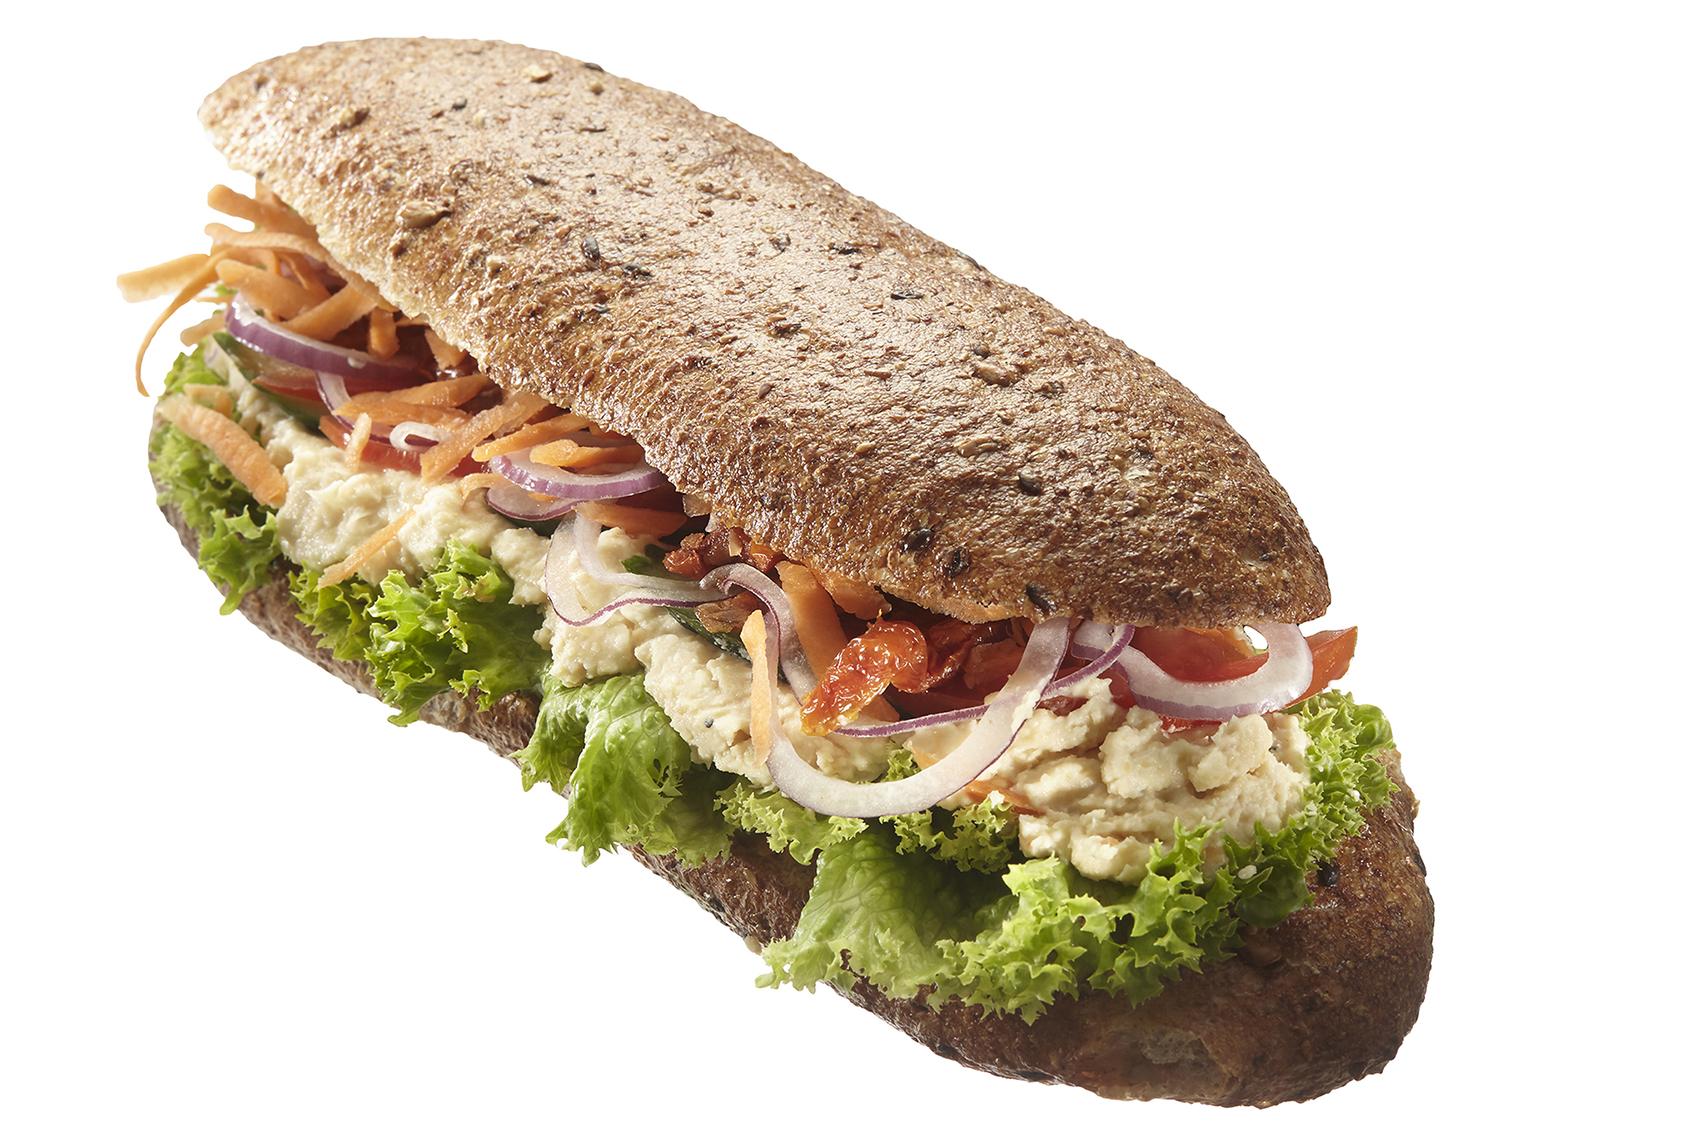 Lækre sunde sandwich og friske salater